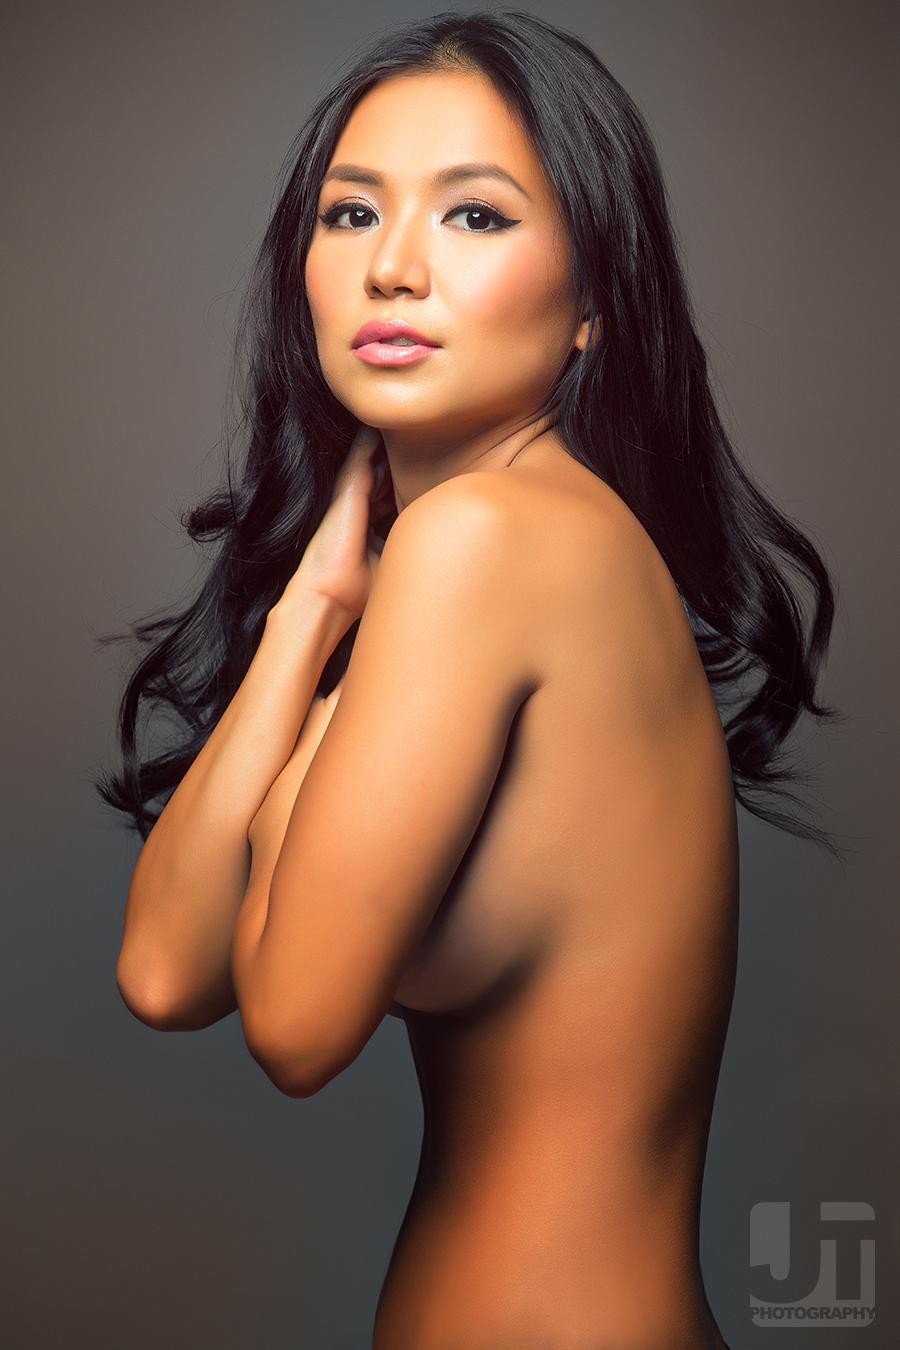 Modelo modelo nude nude portfolio